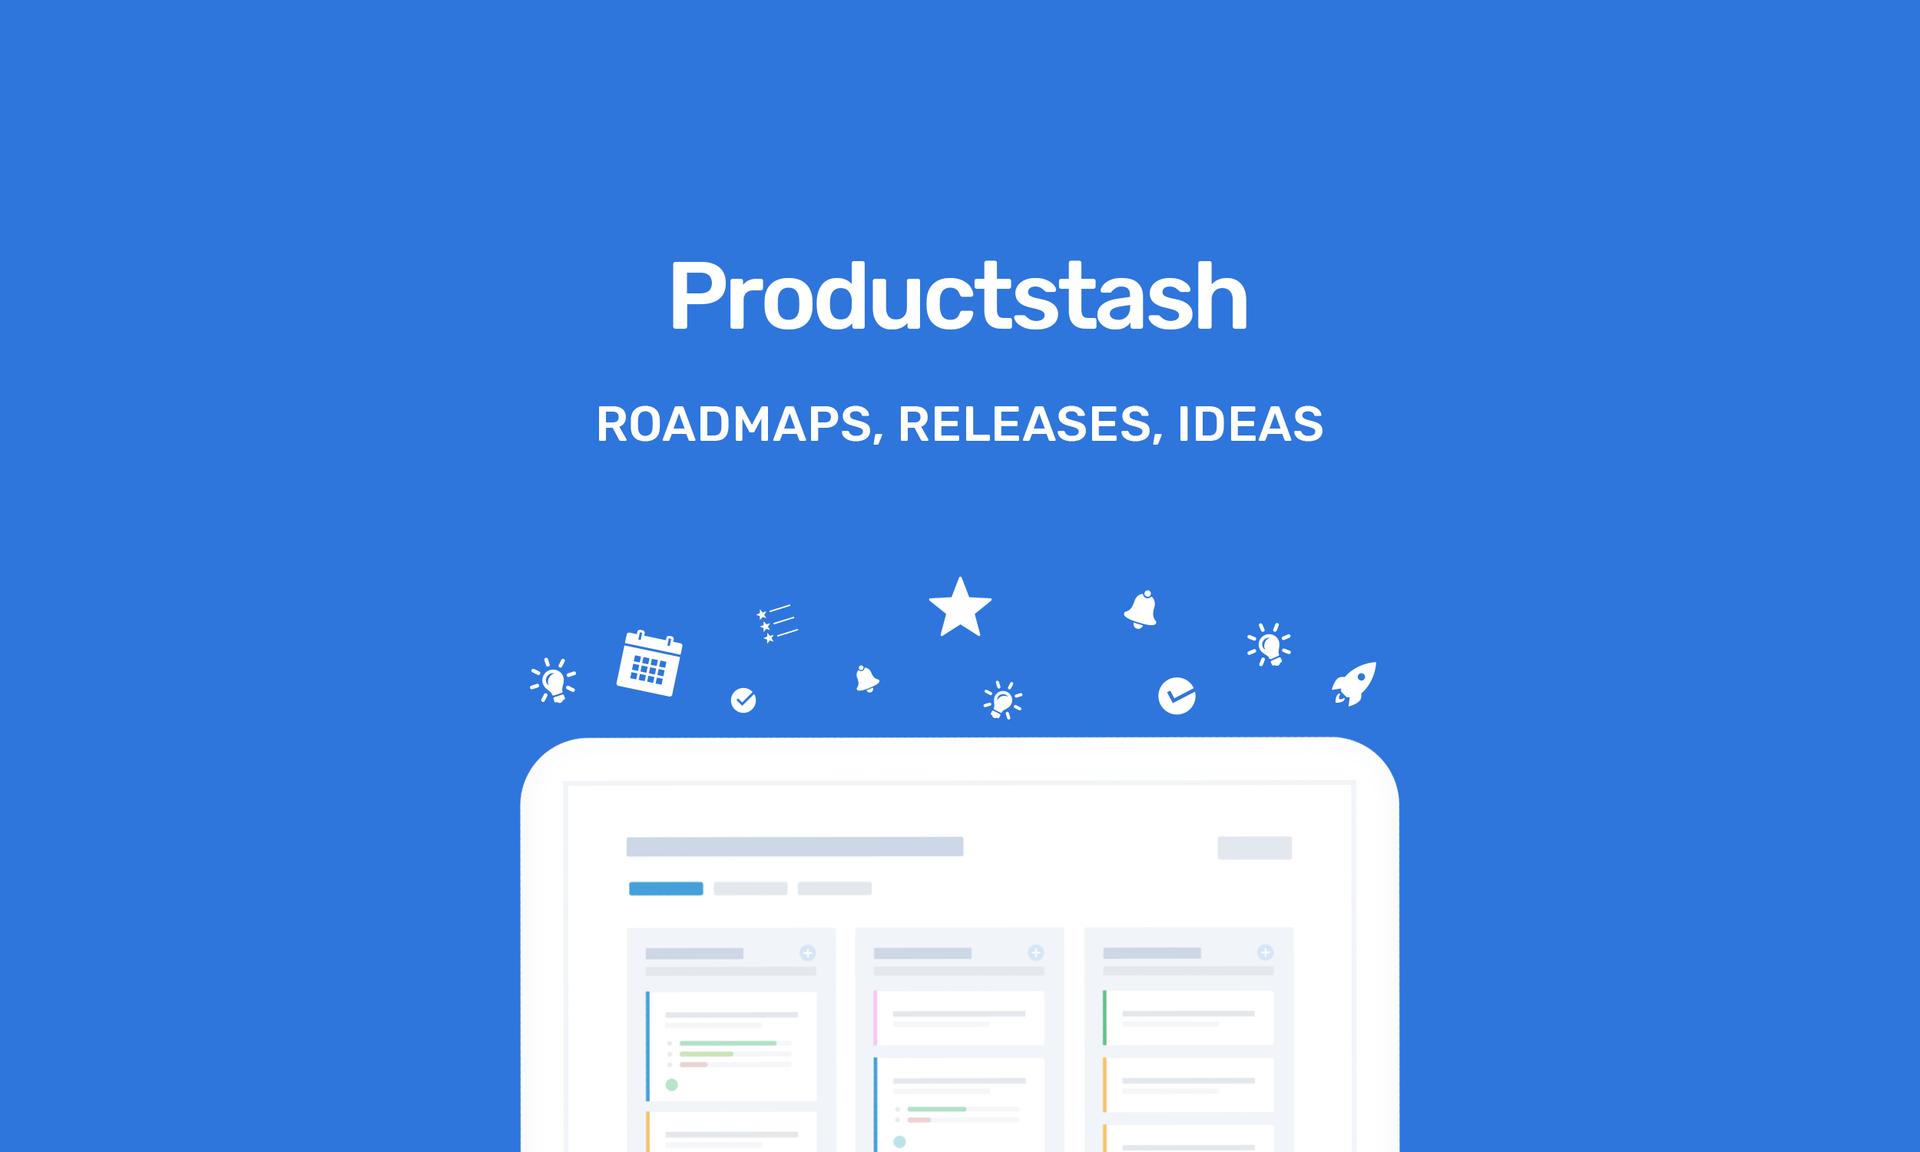 Productstash